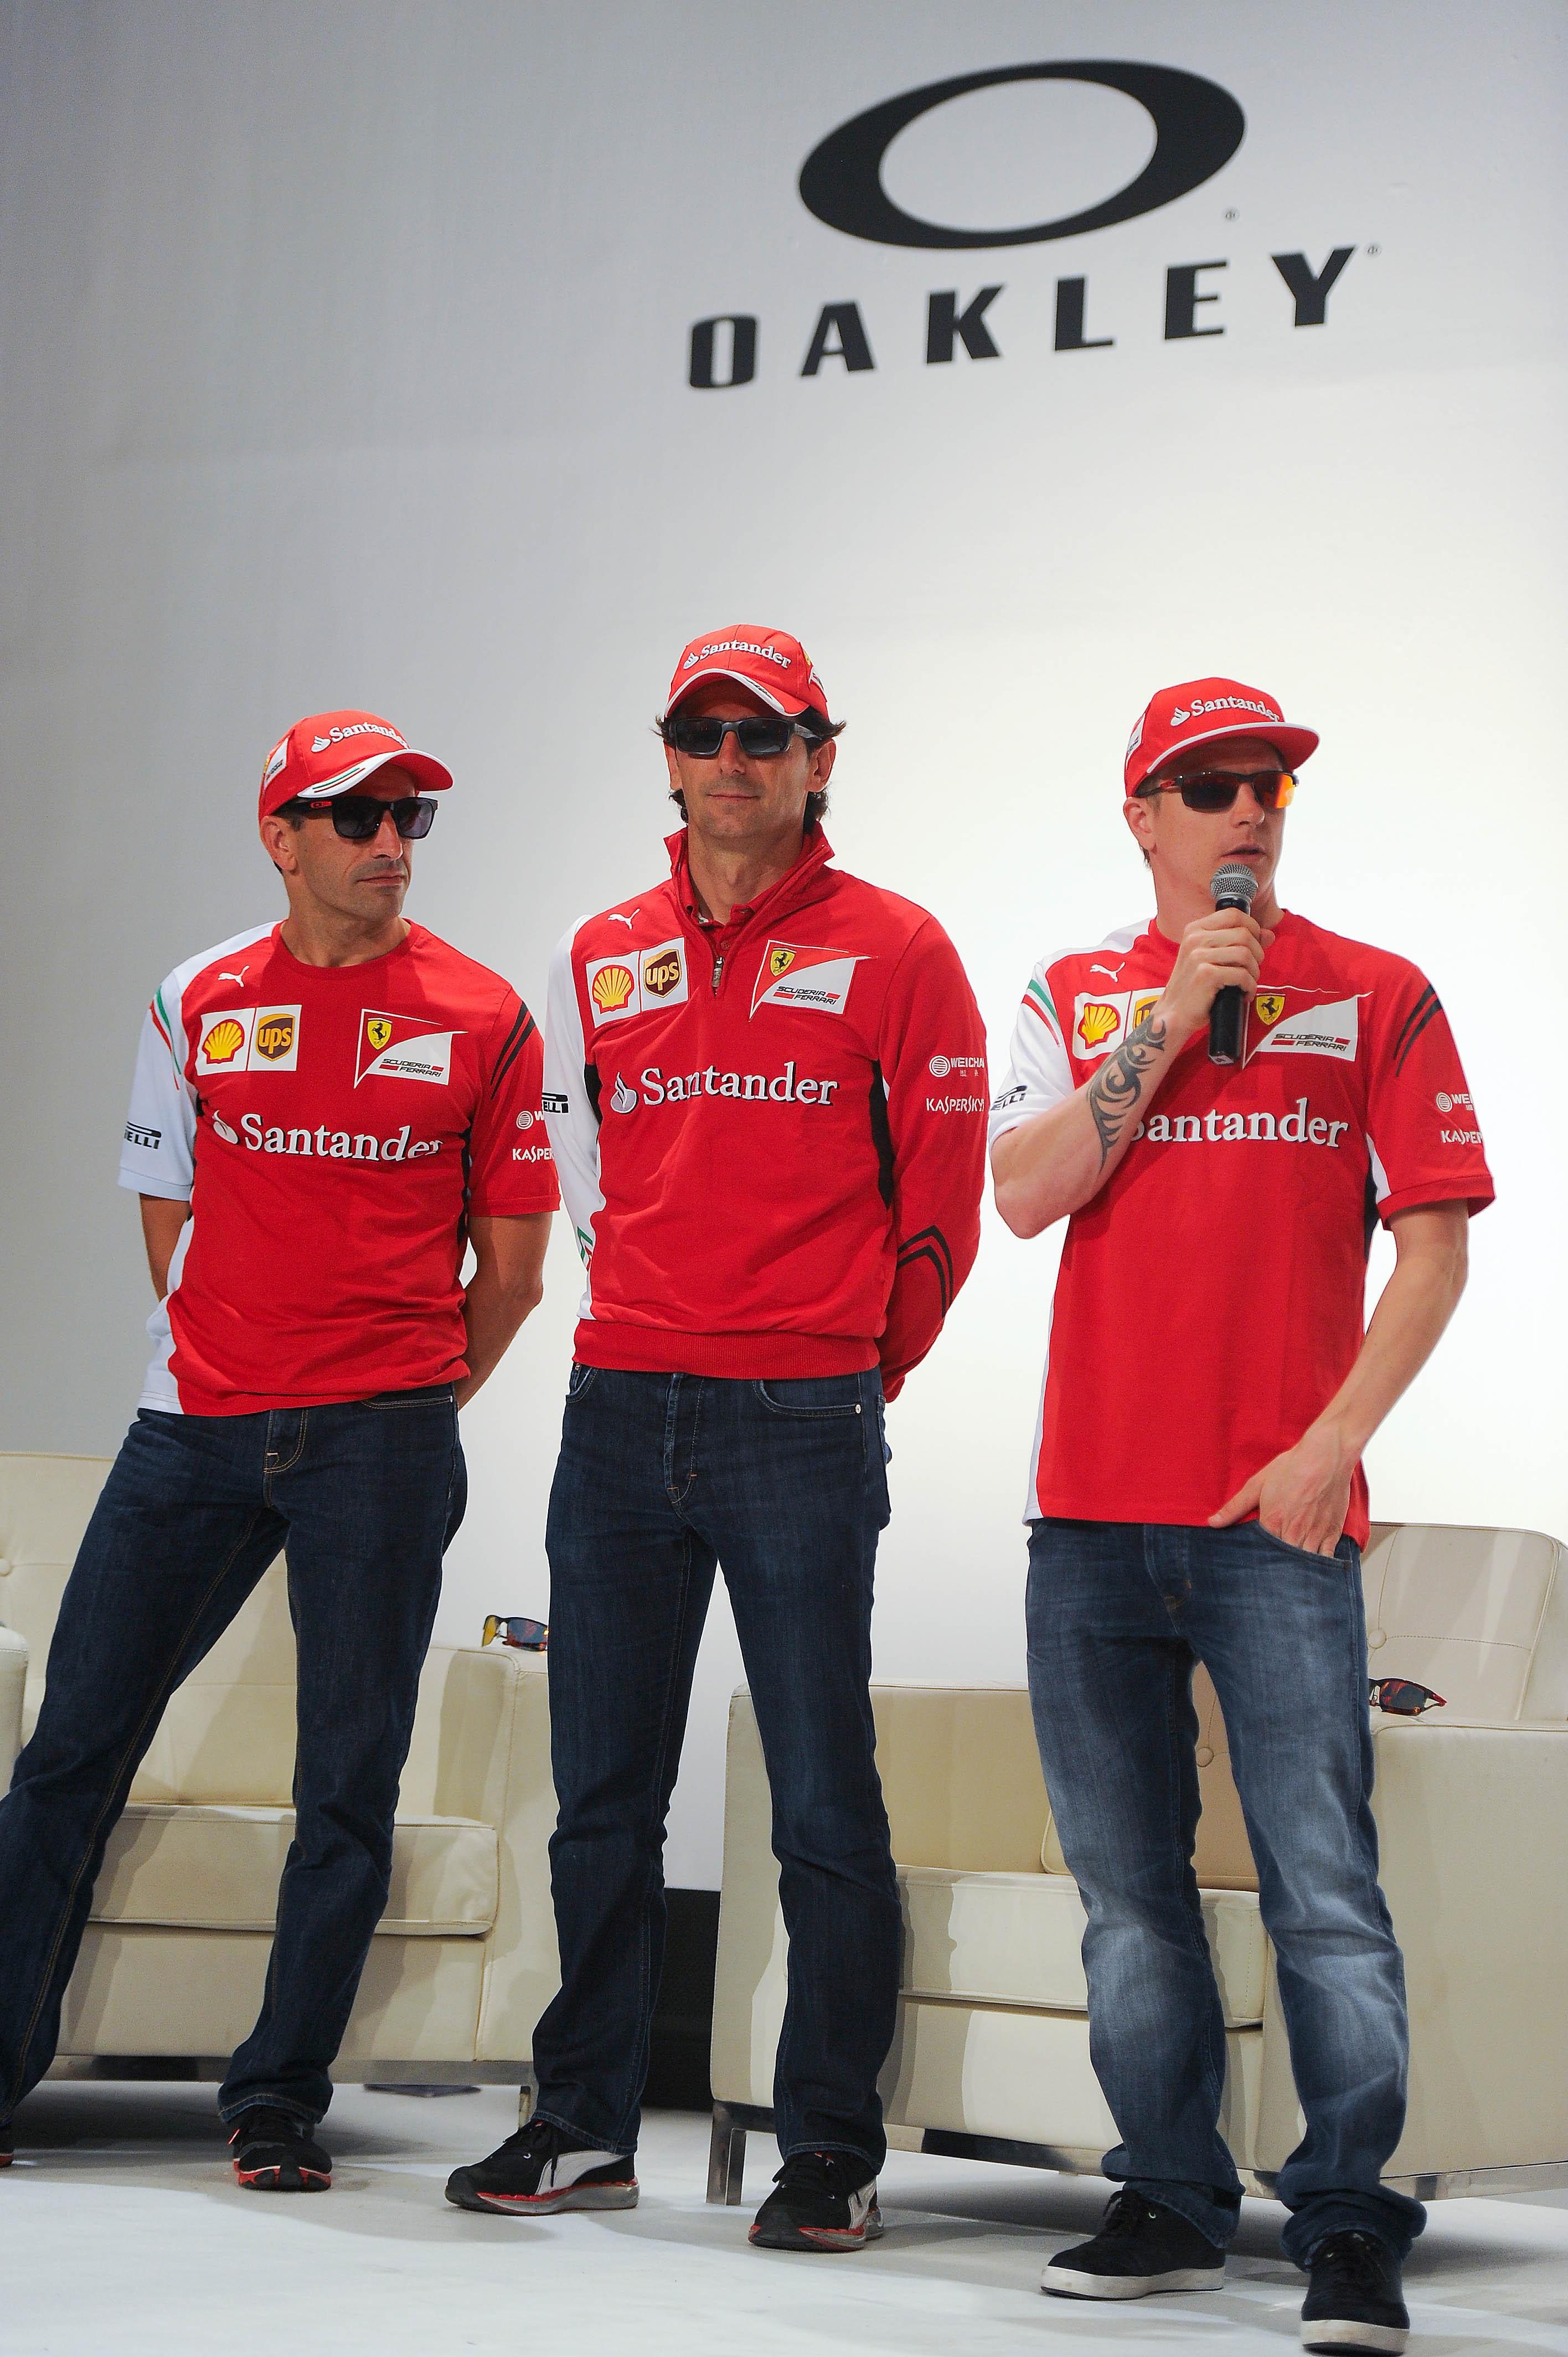 Oakley Startet Partnerschaft Mit Scuderia Ferrari Business Wire